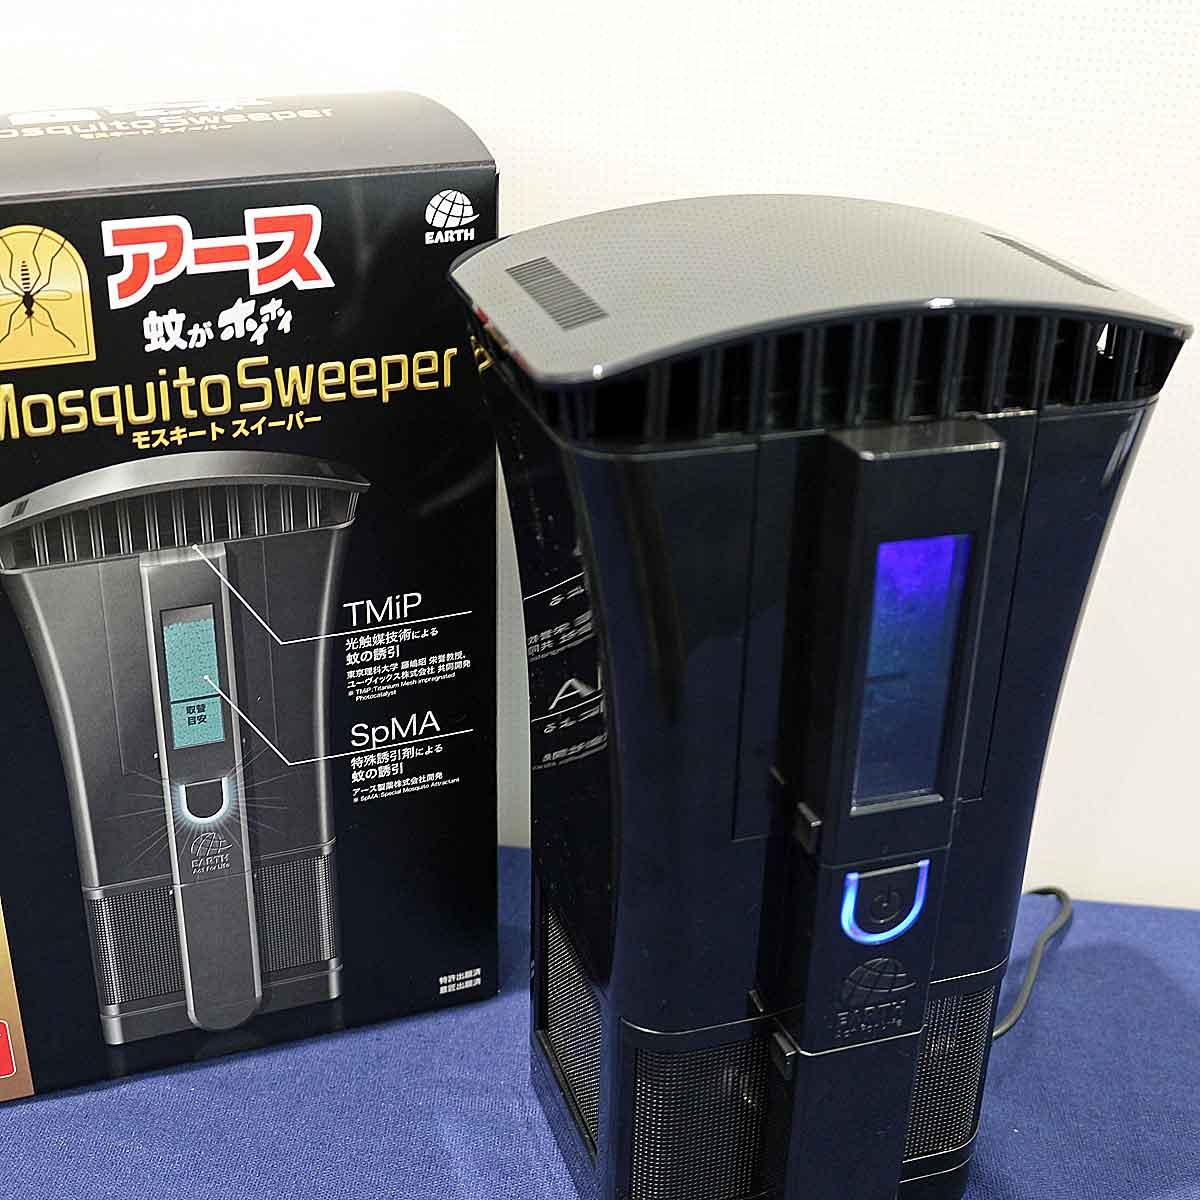 アース製薬の本気を見た! 薬剤レスの蚊捕獲機「アース蚊がホイホイ Mosquito Sweeper」